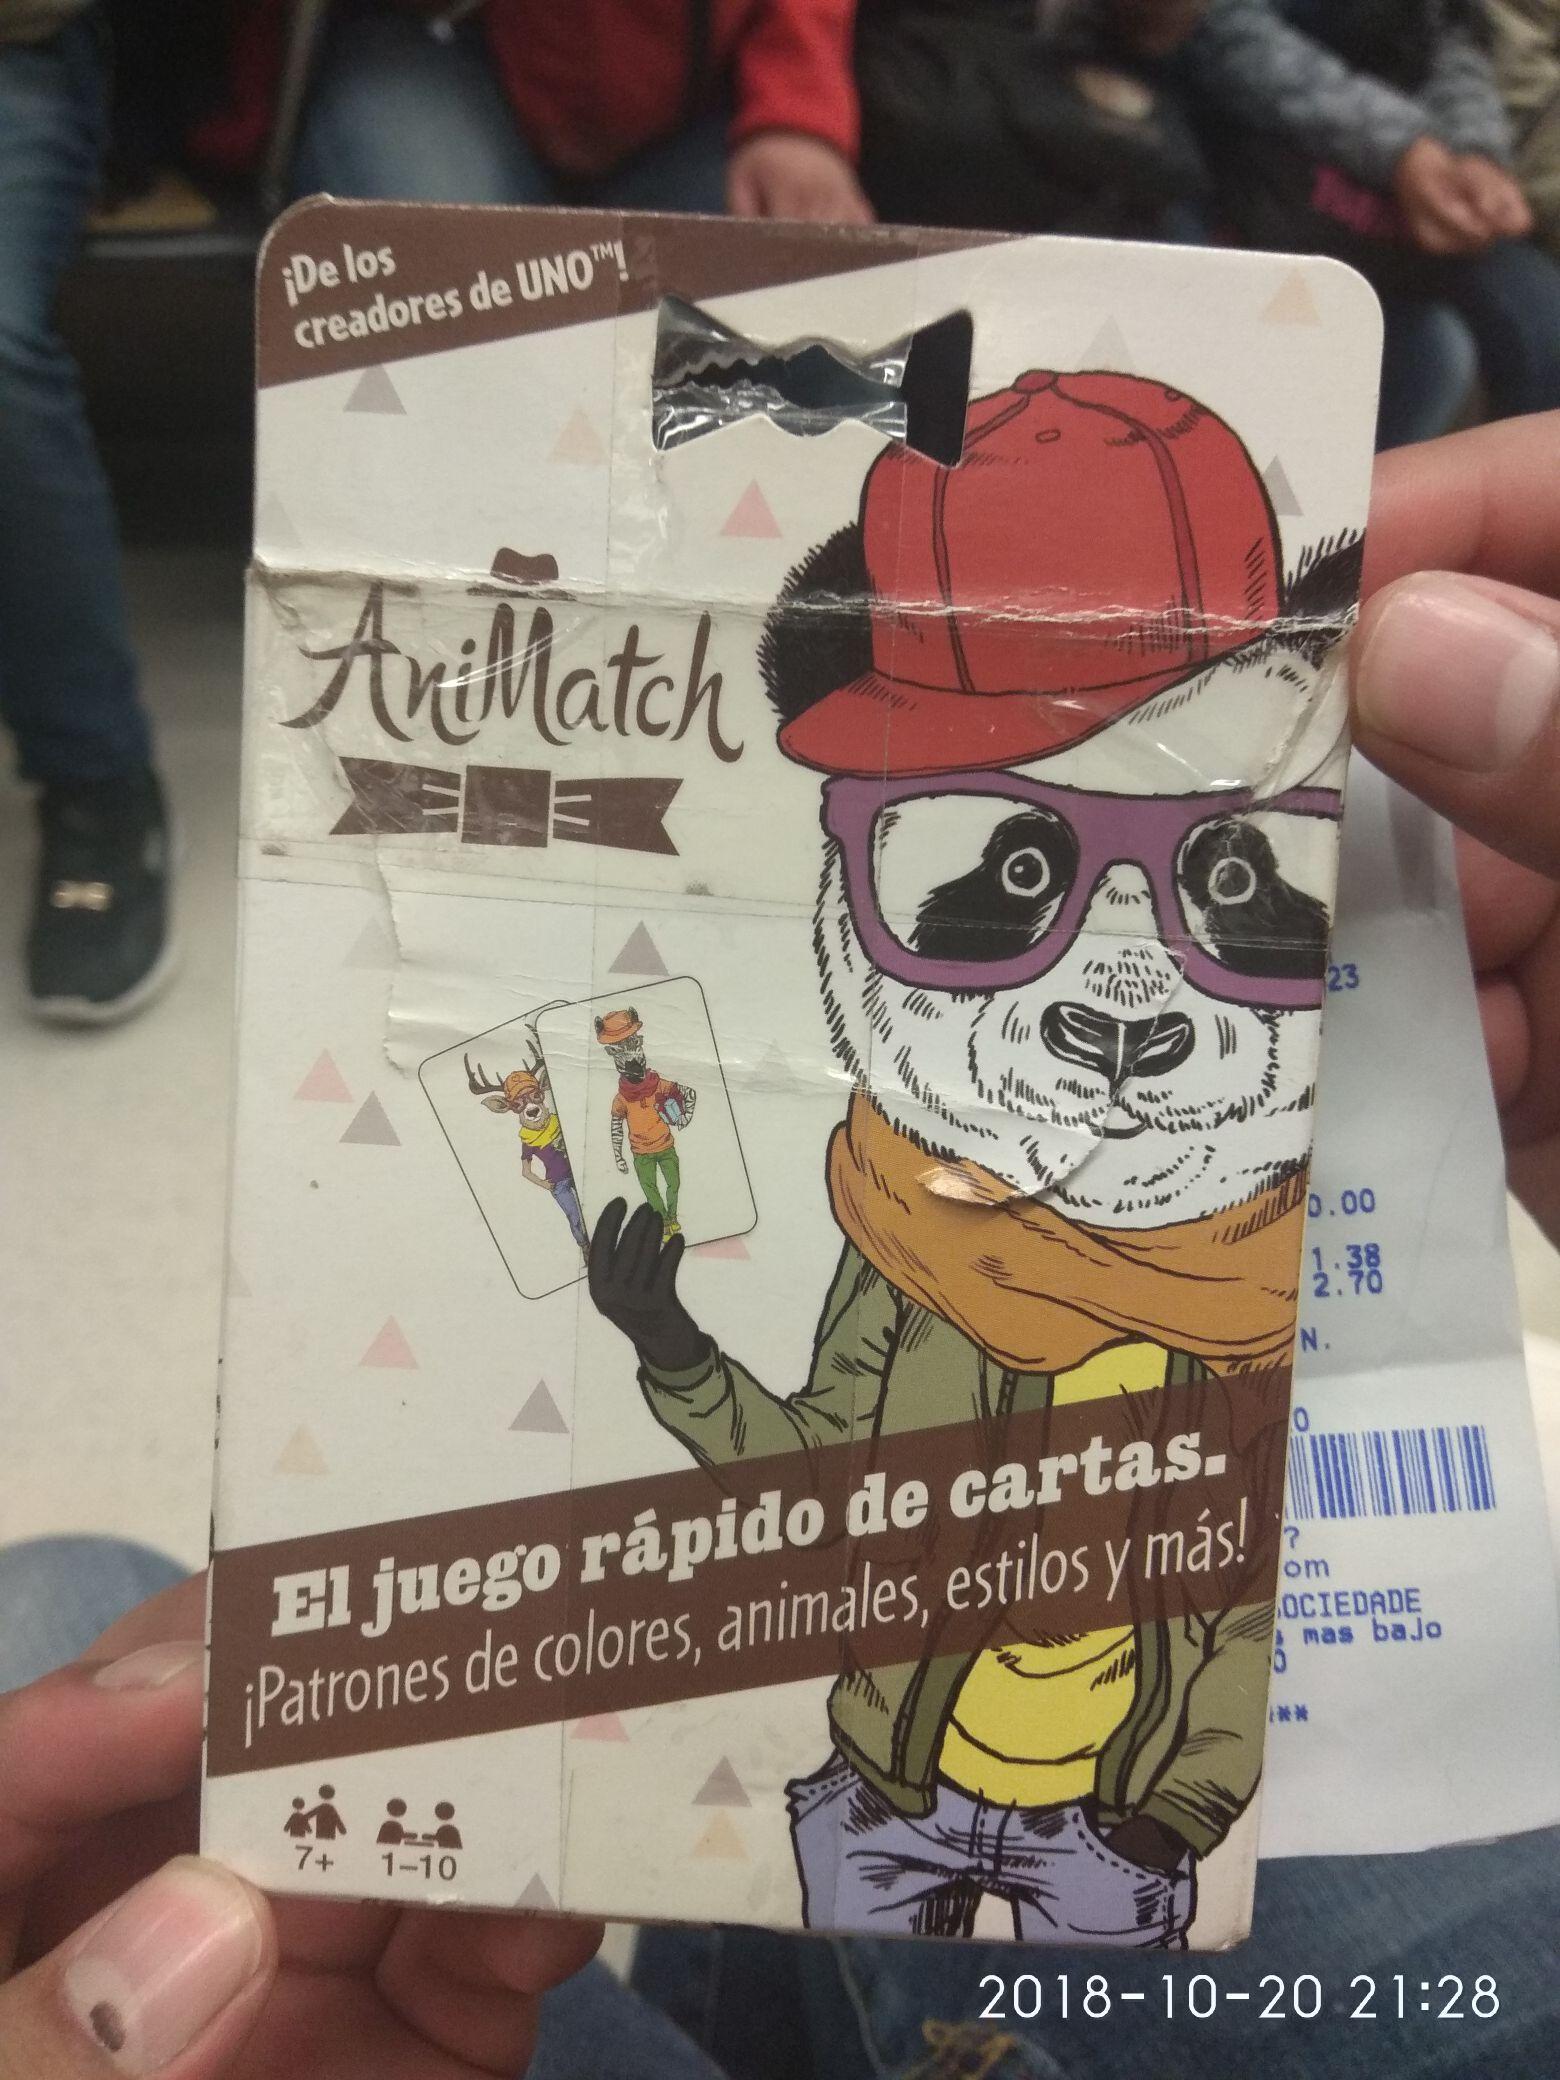 Bodega Aurrerá: UNO ANIMATCH a $10.01